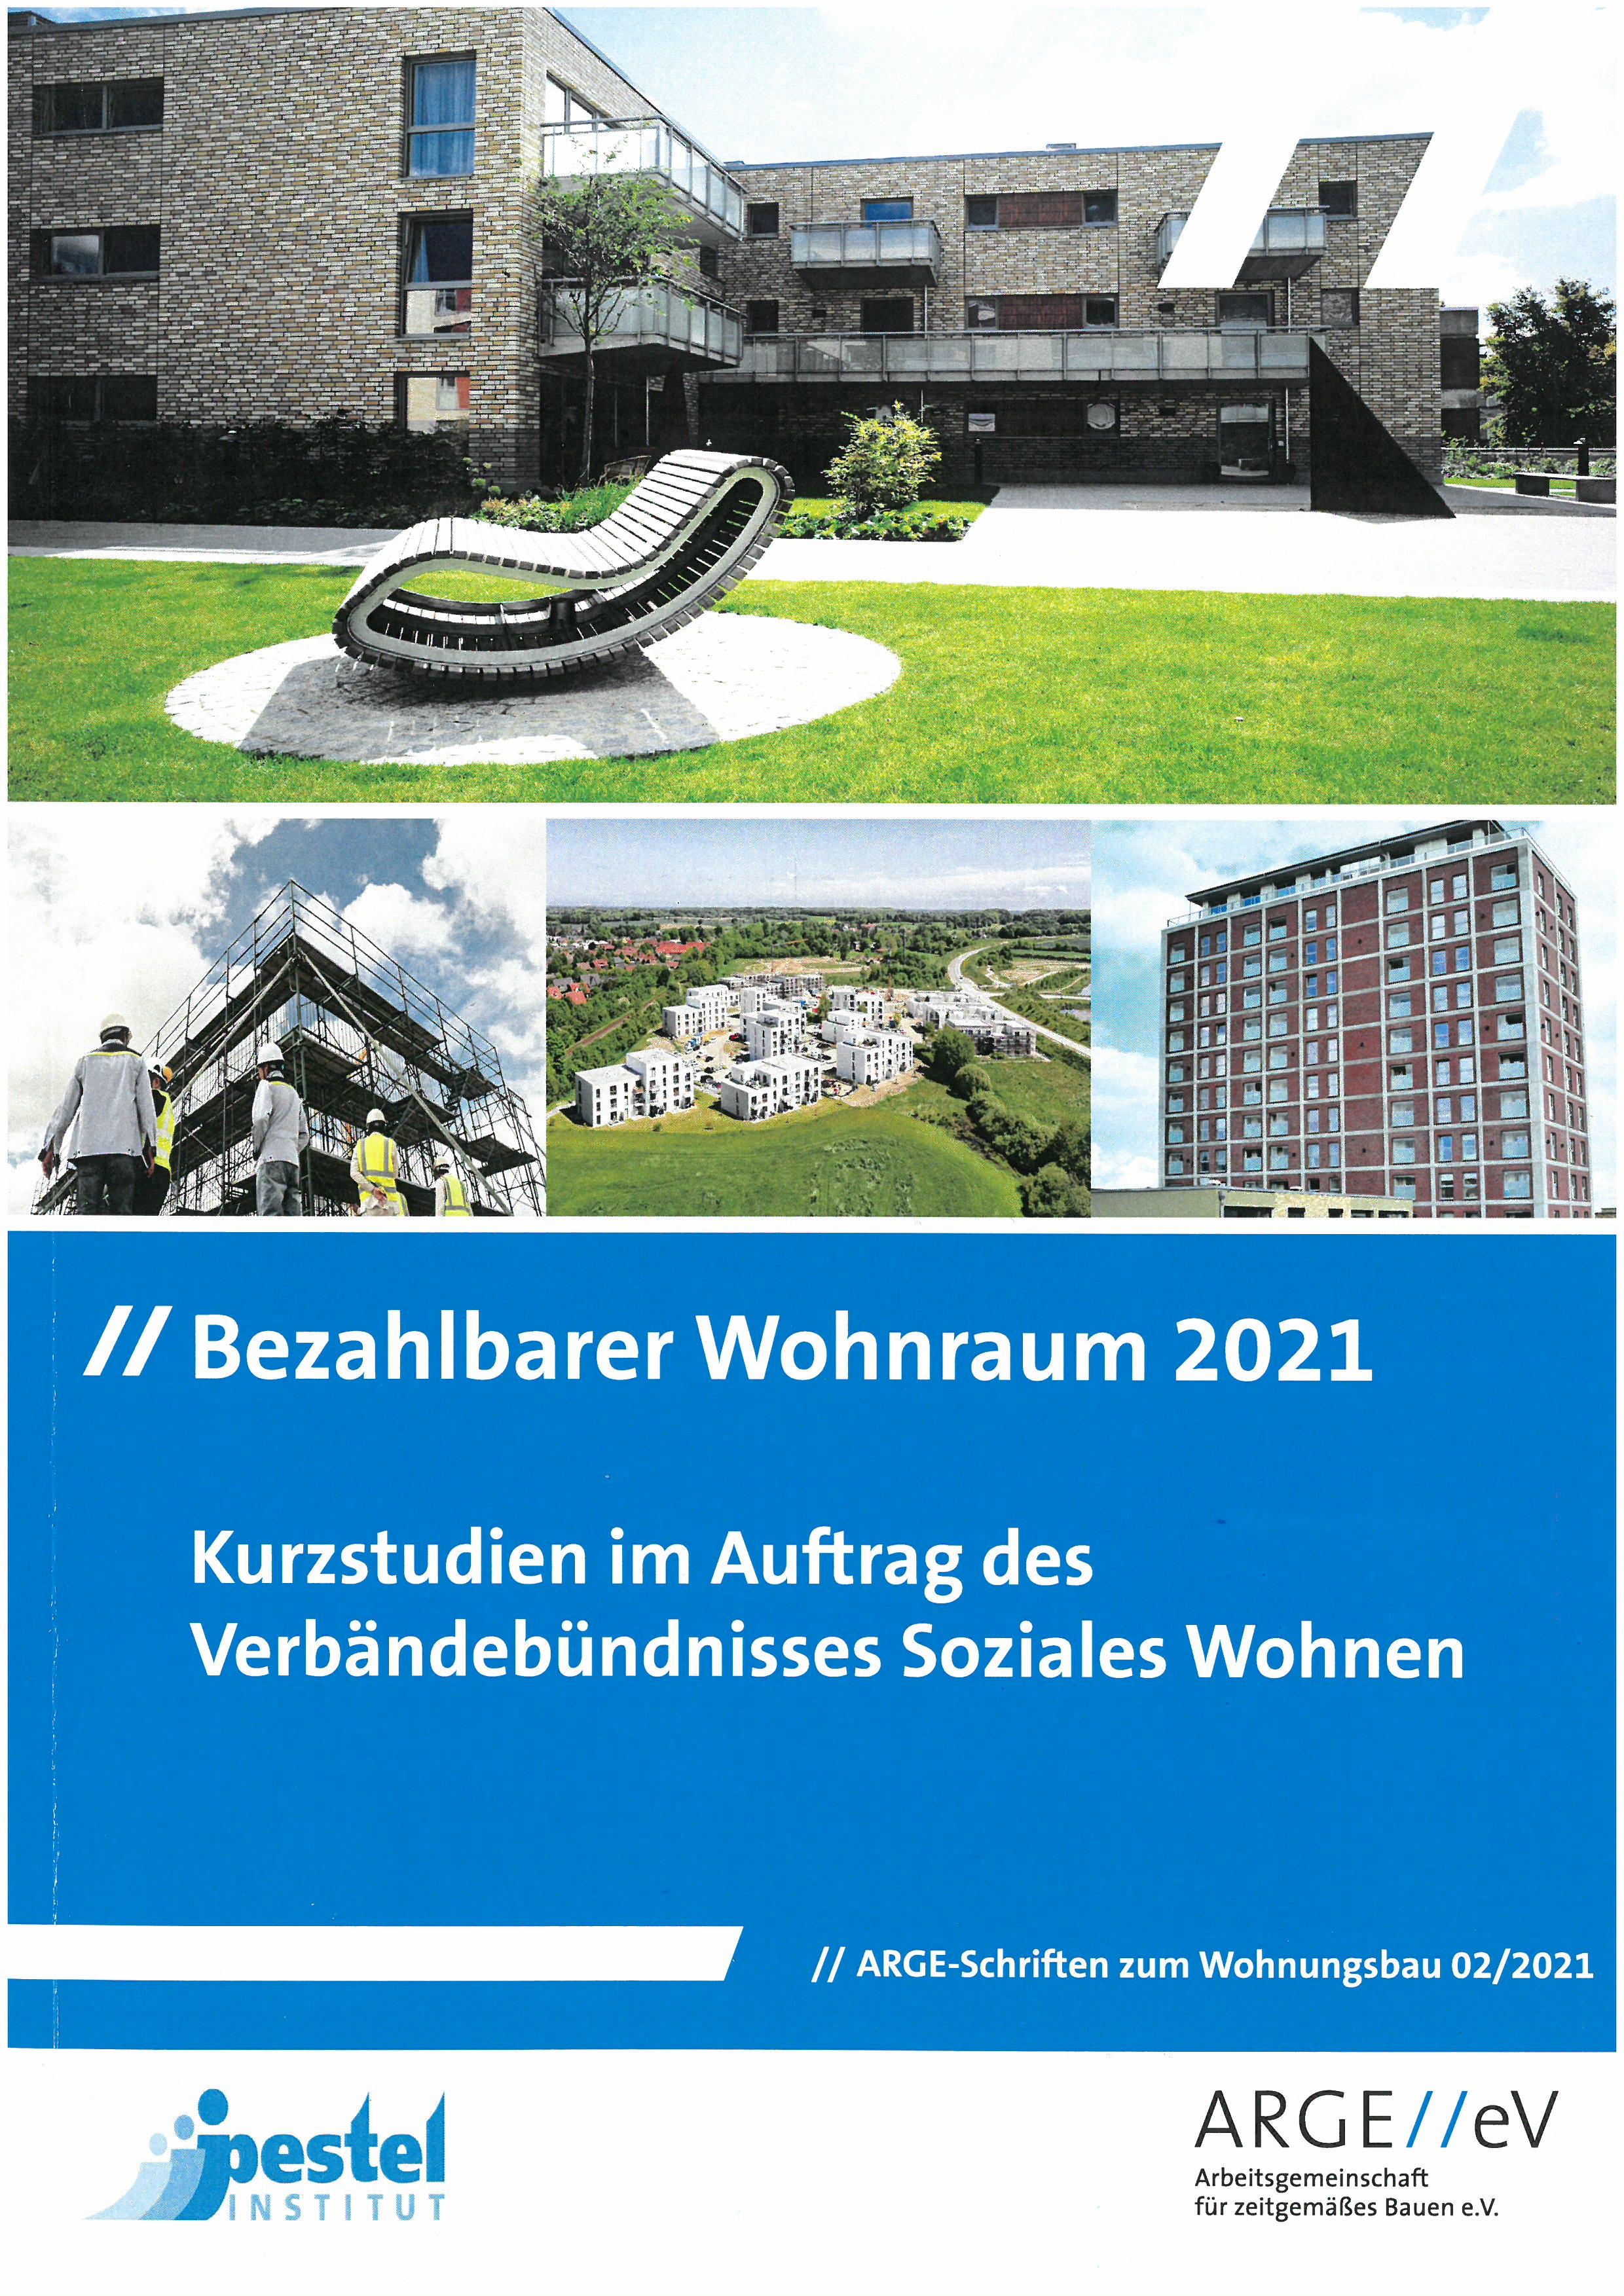 Bezahlbarer Wohnraum 2021